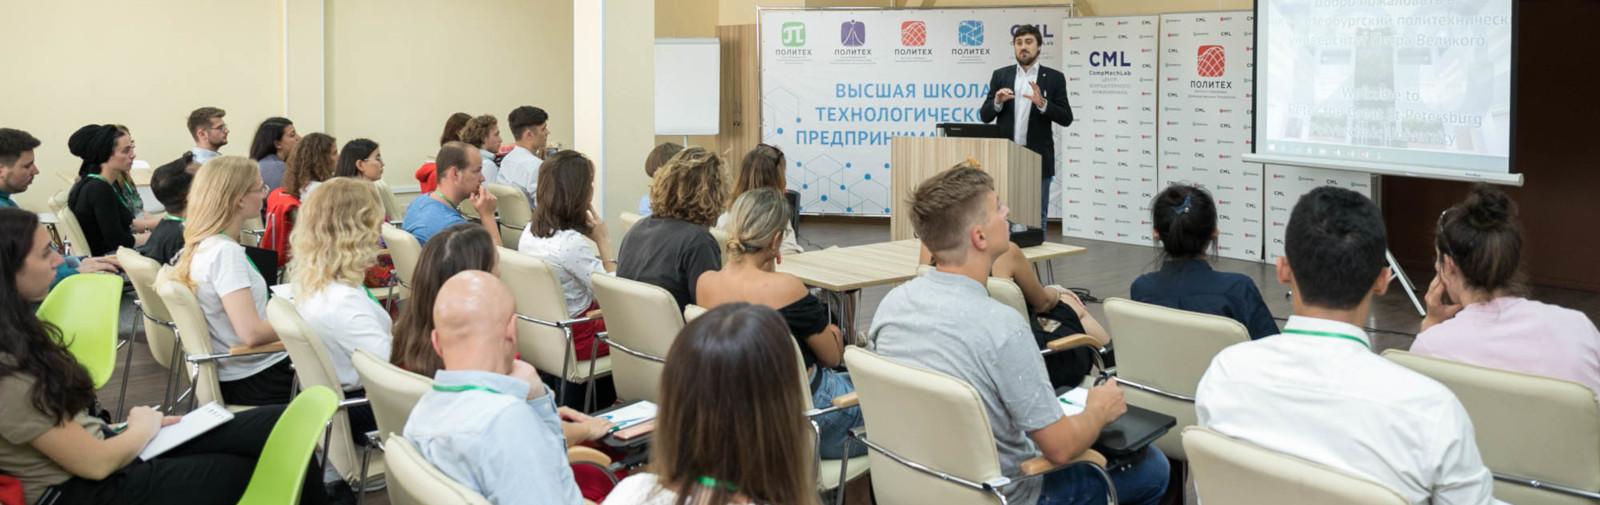 В ИППТ СПбПУ стартовала образовательная программа для иностранных студентов «Предпринимательство и технологическое лидерство»